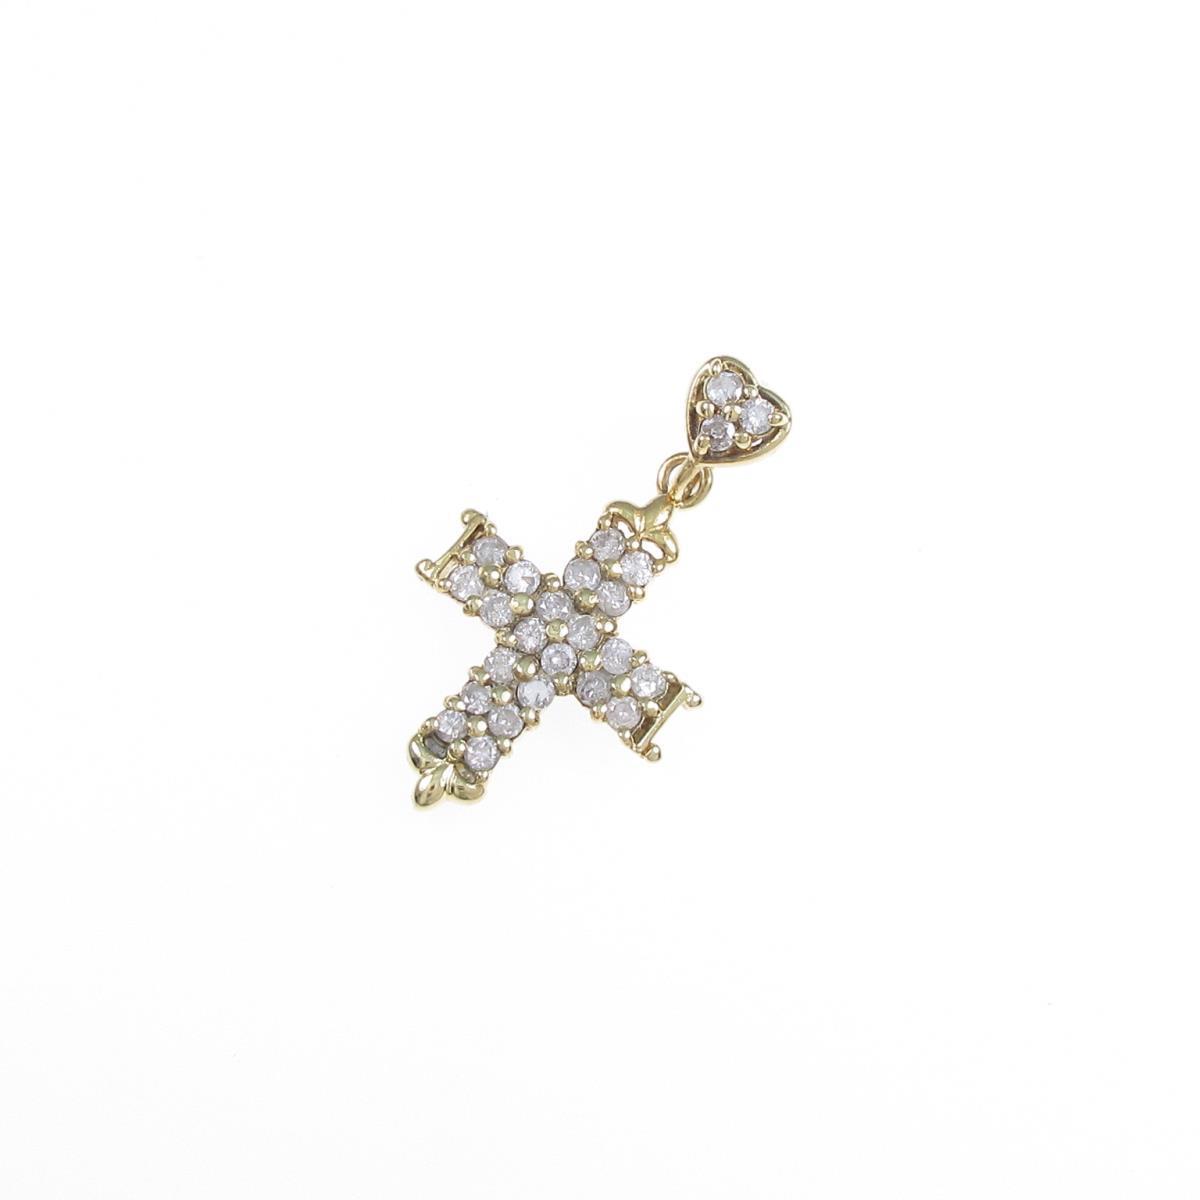 K18YG クロス 在庫一掃 中古 定番キャンバス ダイヤモンドペンダント